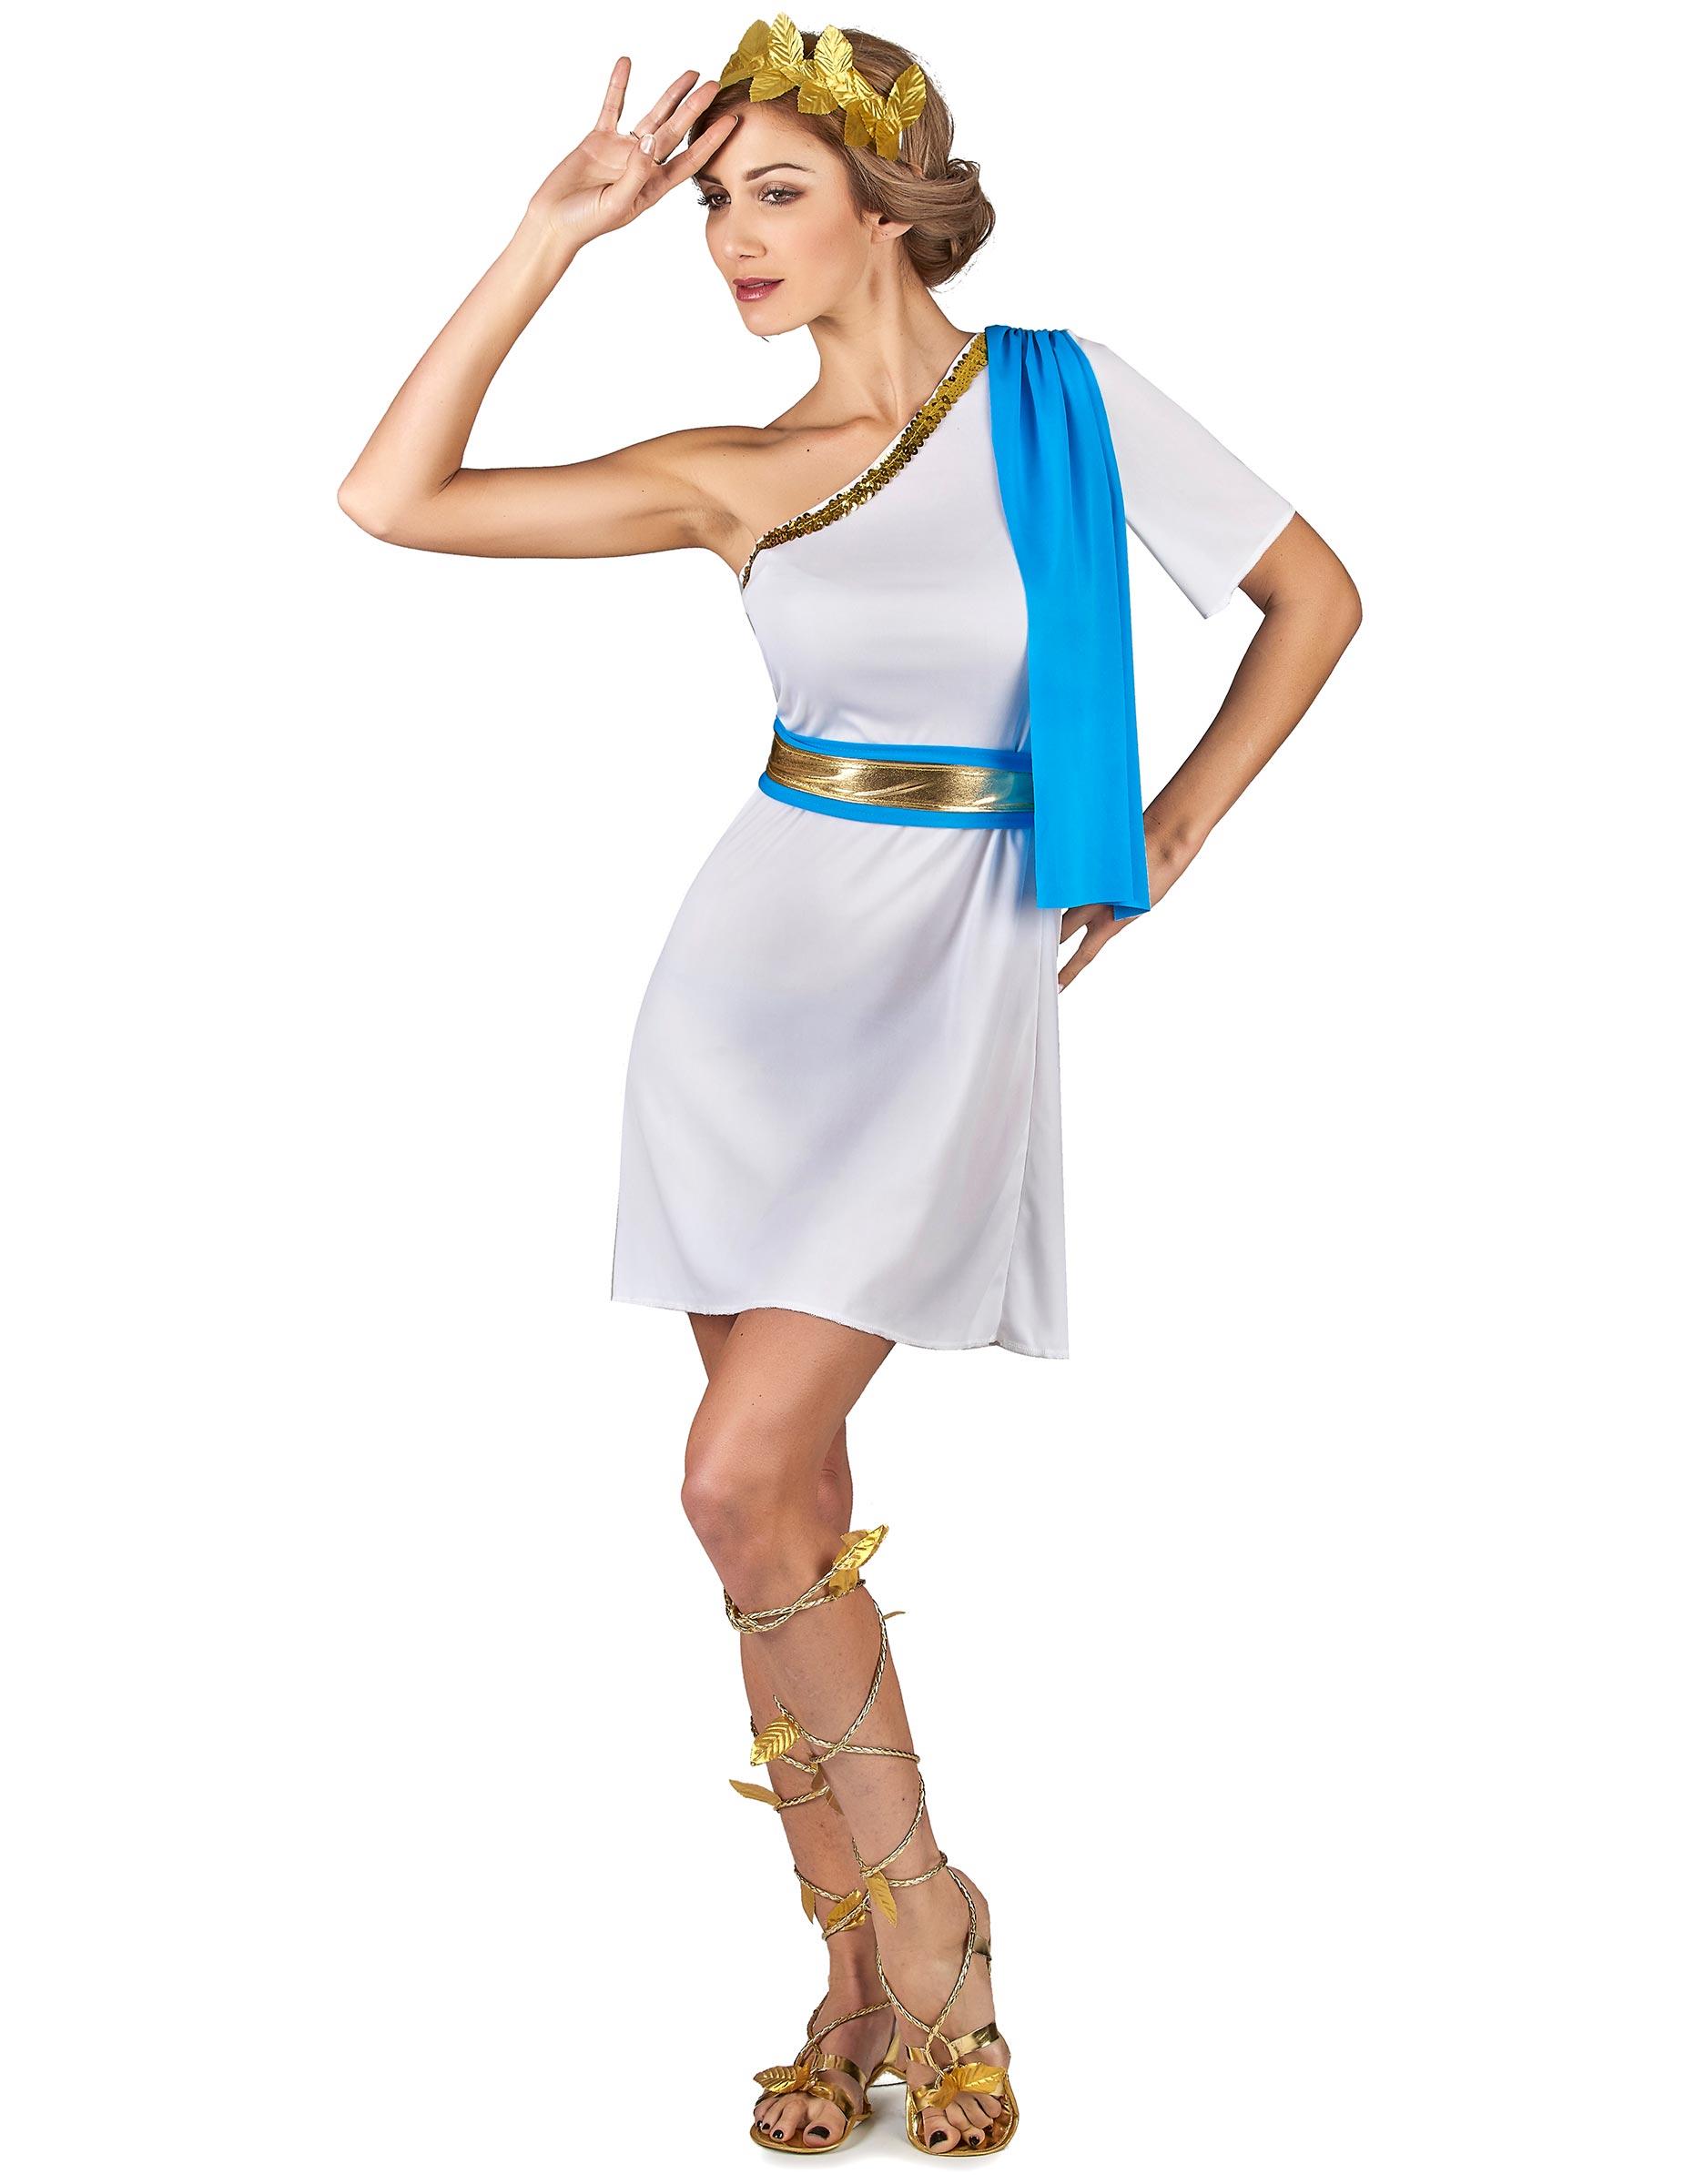 bf35213e66f Disfraces de Romanos, Griegos y Égipcios - Tienda de. Comprar disfraz de  Romanos, Griegos y Égipcios. Si estás buscando disfraces de Romanos y  Égipcios ...